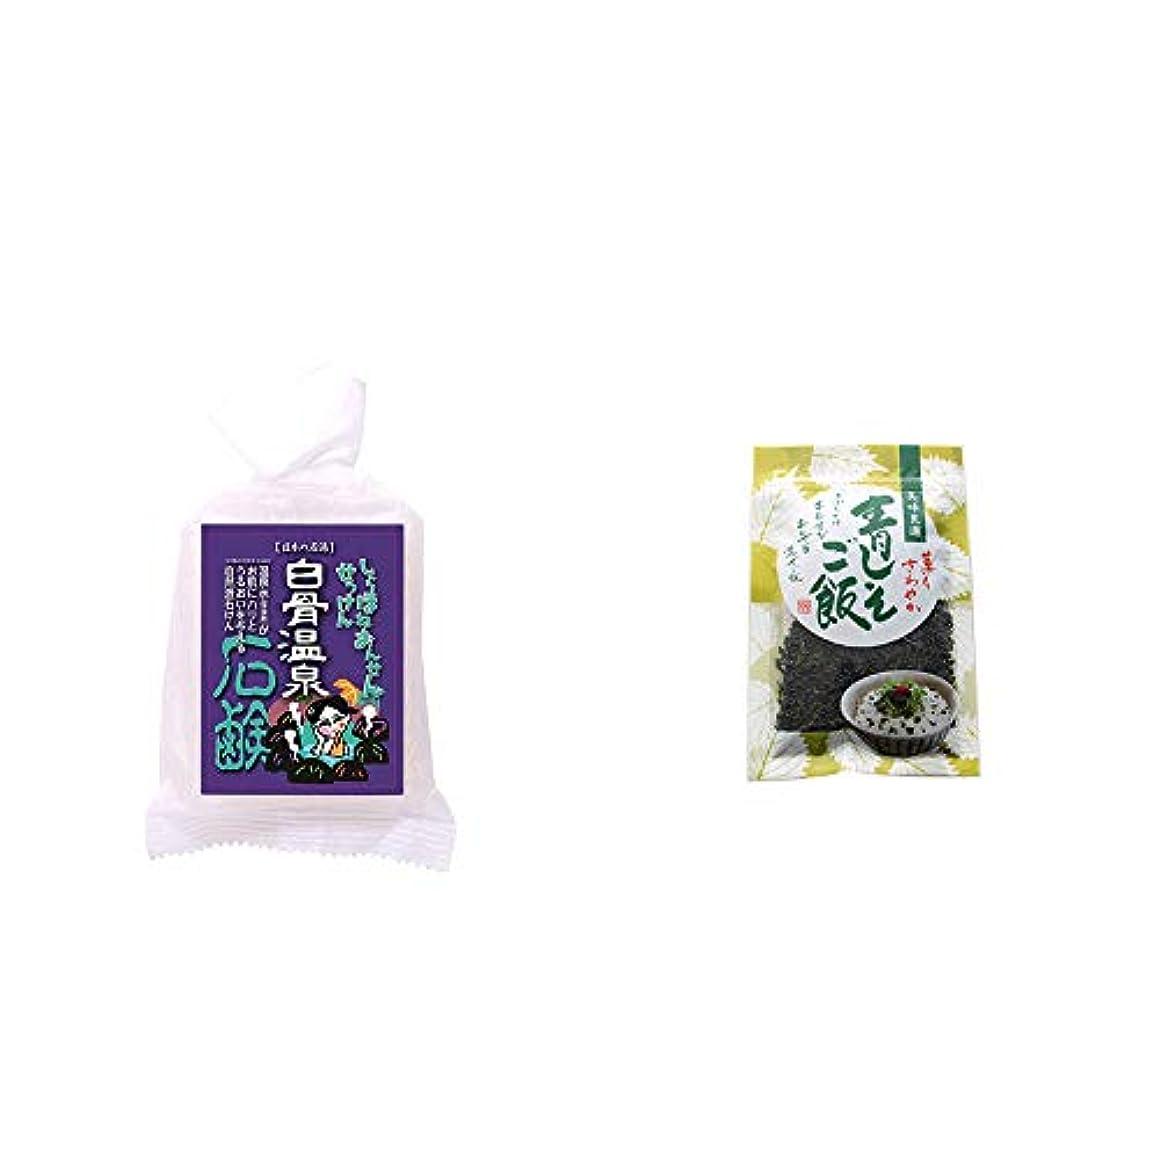 テメリティ上院ボトル[2点セット] 信州 白骨温泉石鹸(80g)?薫りさわやか 青しそご飯(80g)